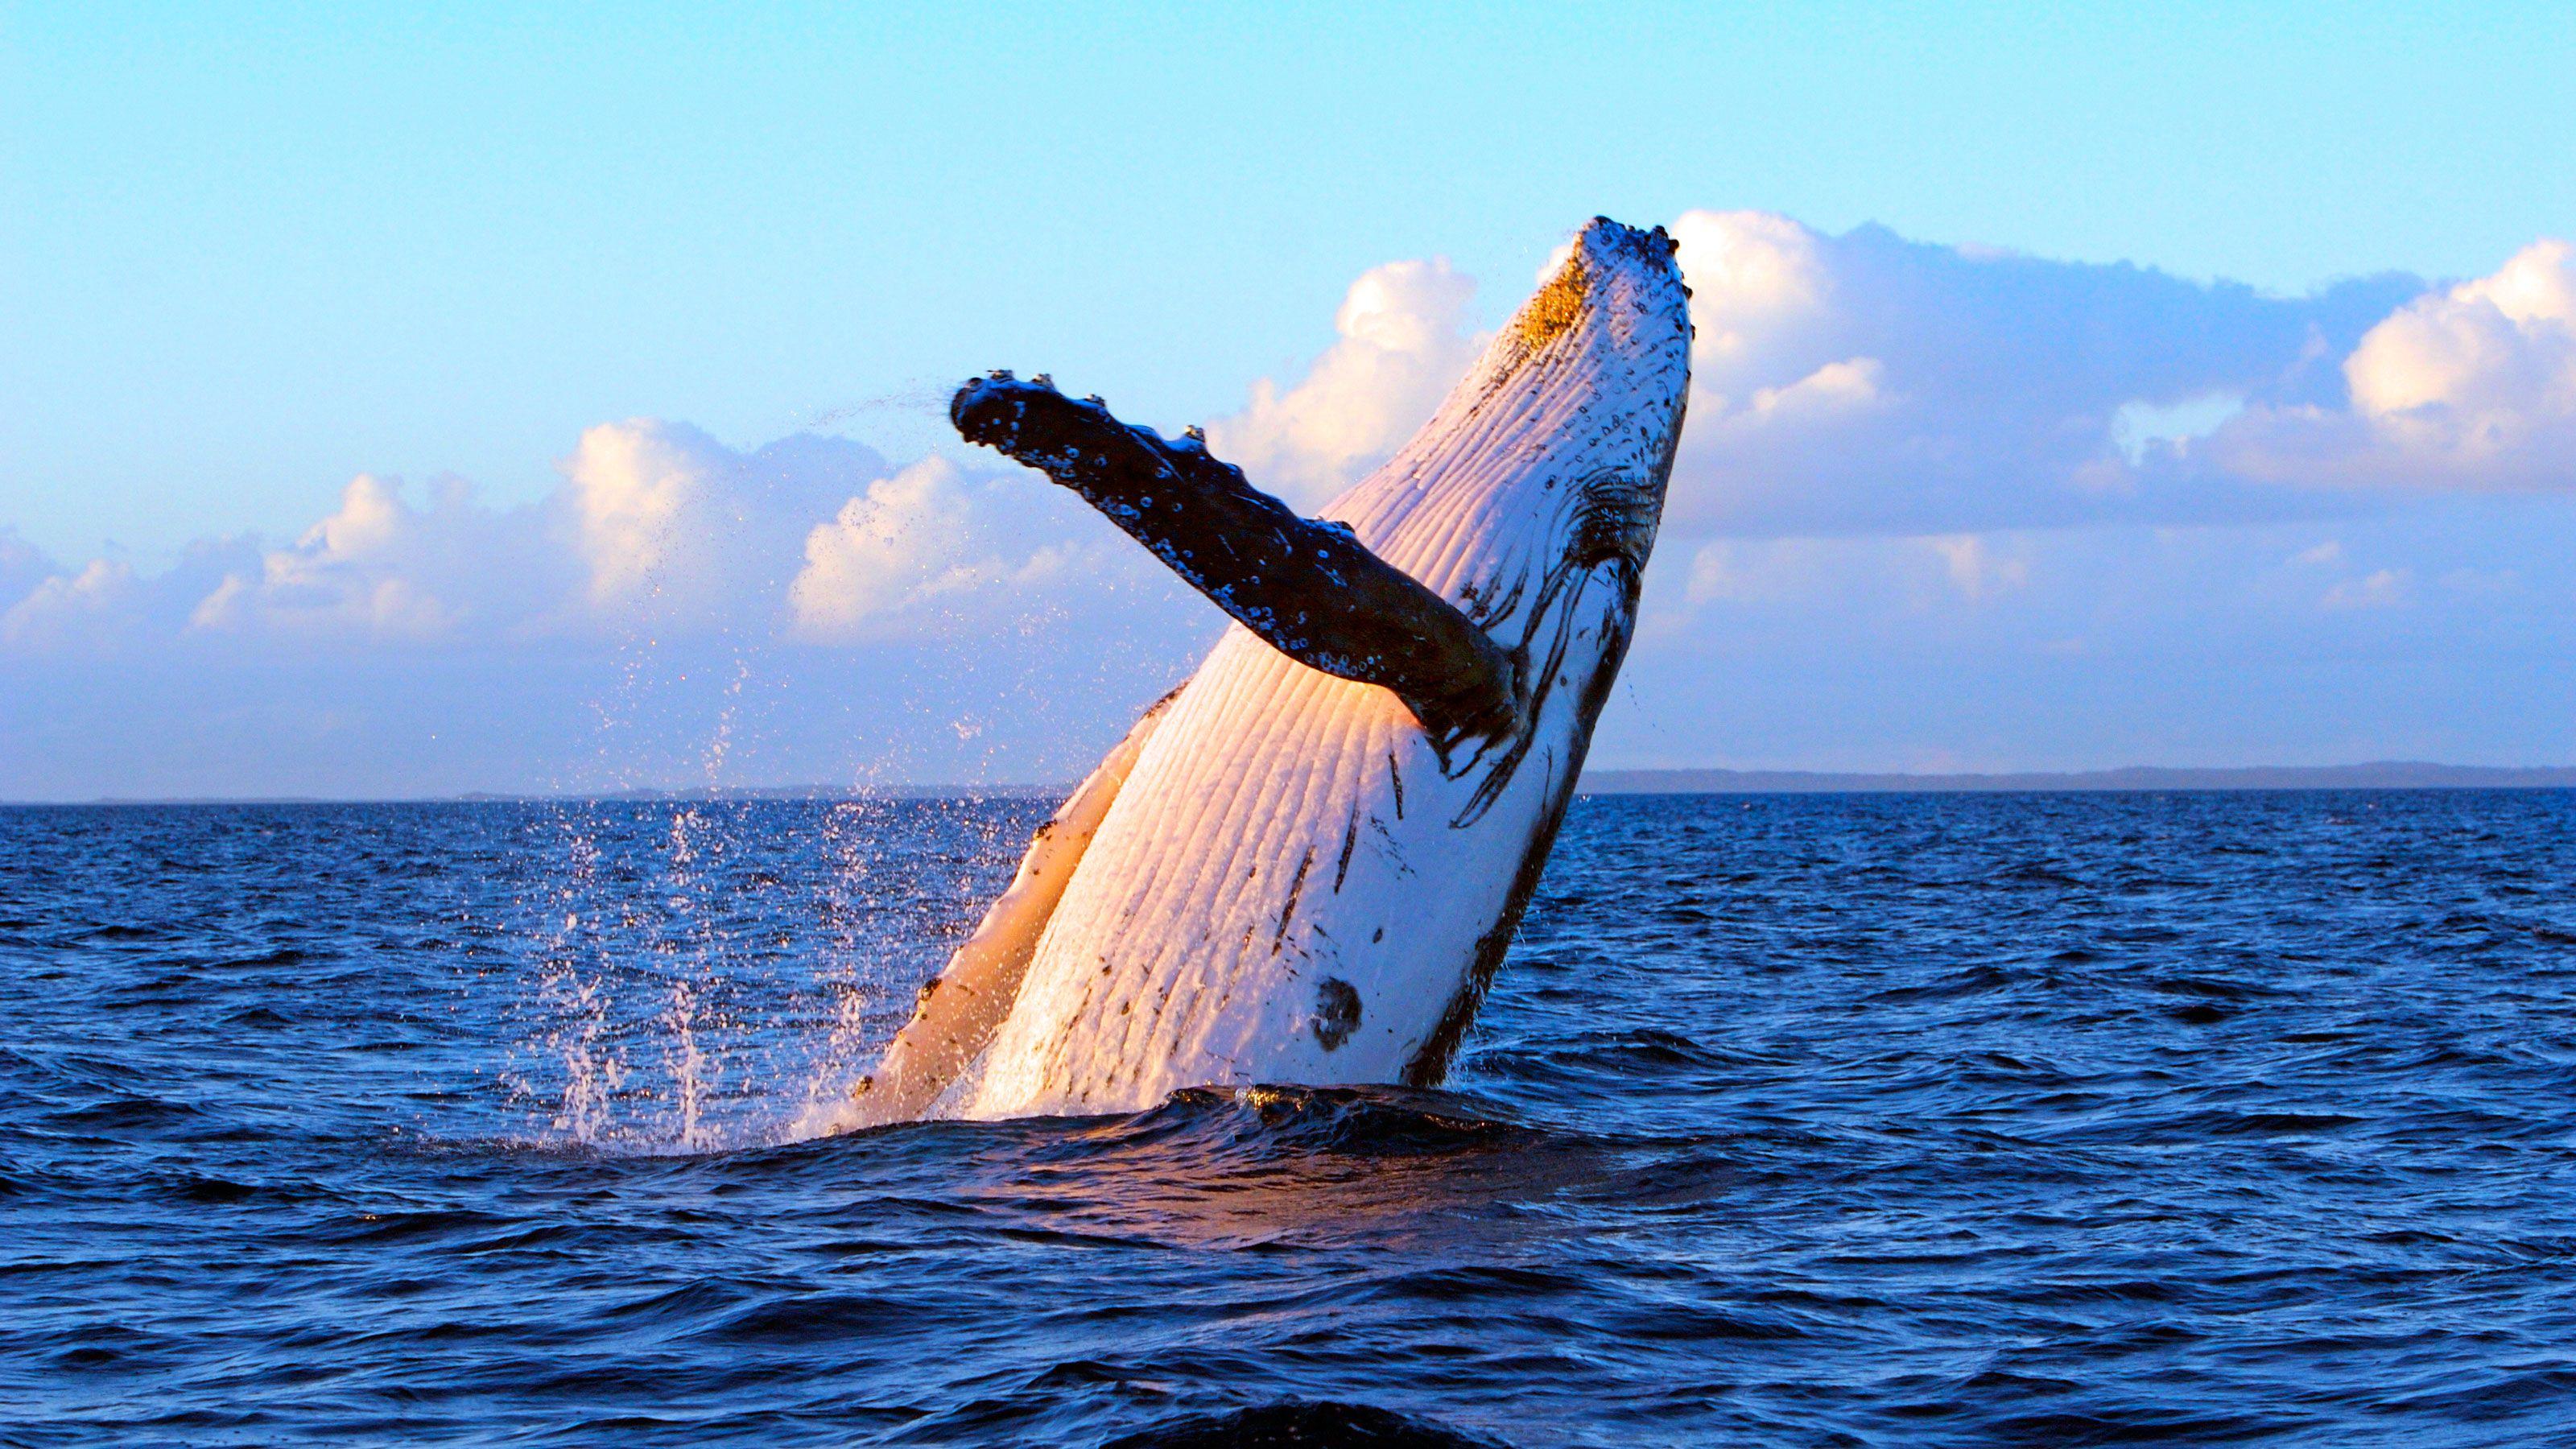 Фото китов на фоне кораблей собственные сбережения